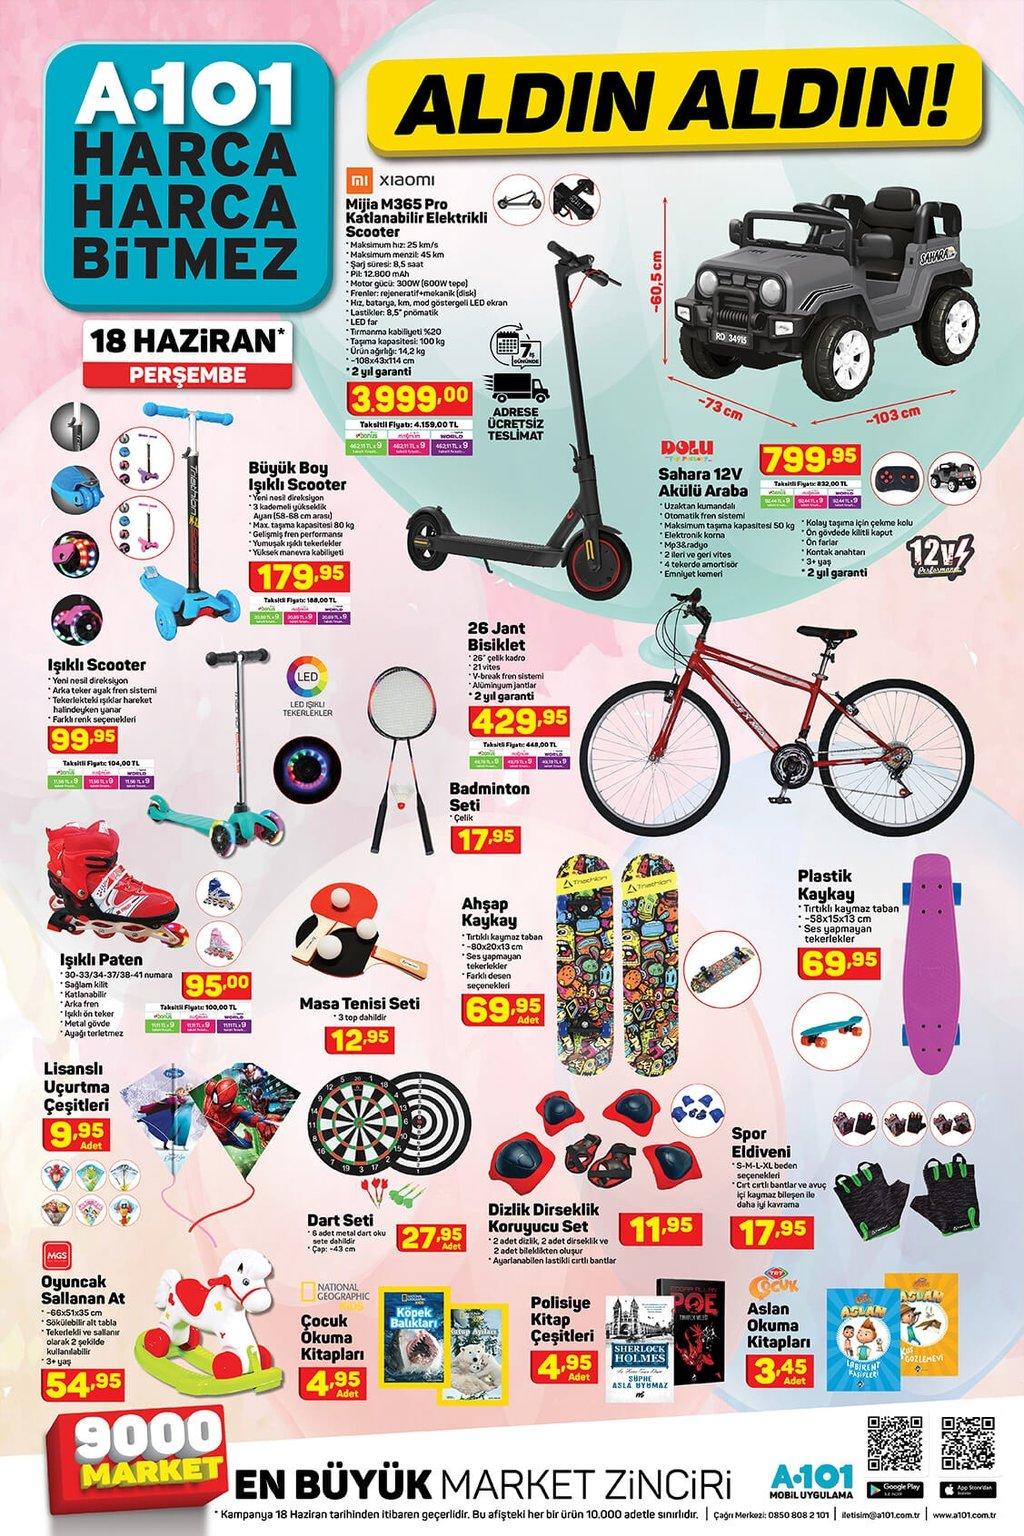 A101 aktüel ürünler kataloğu 18 Haziran Perşembe